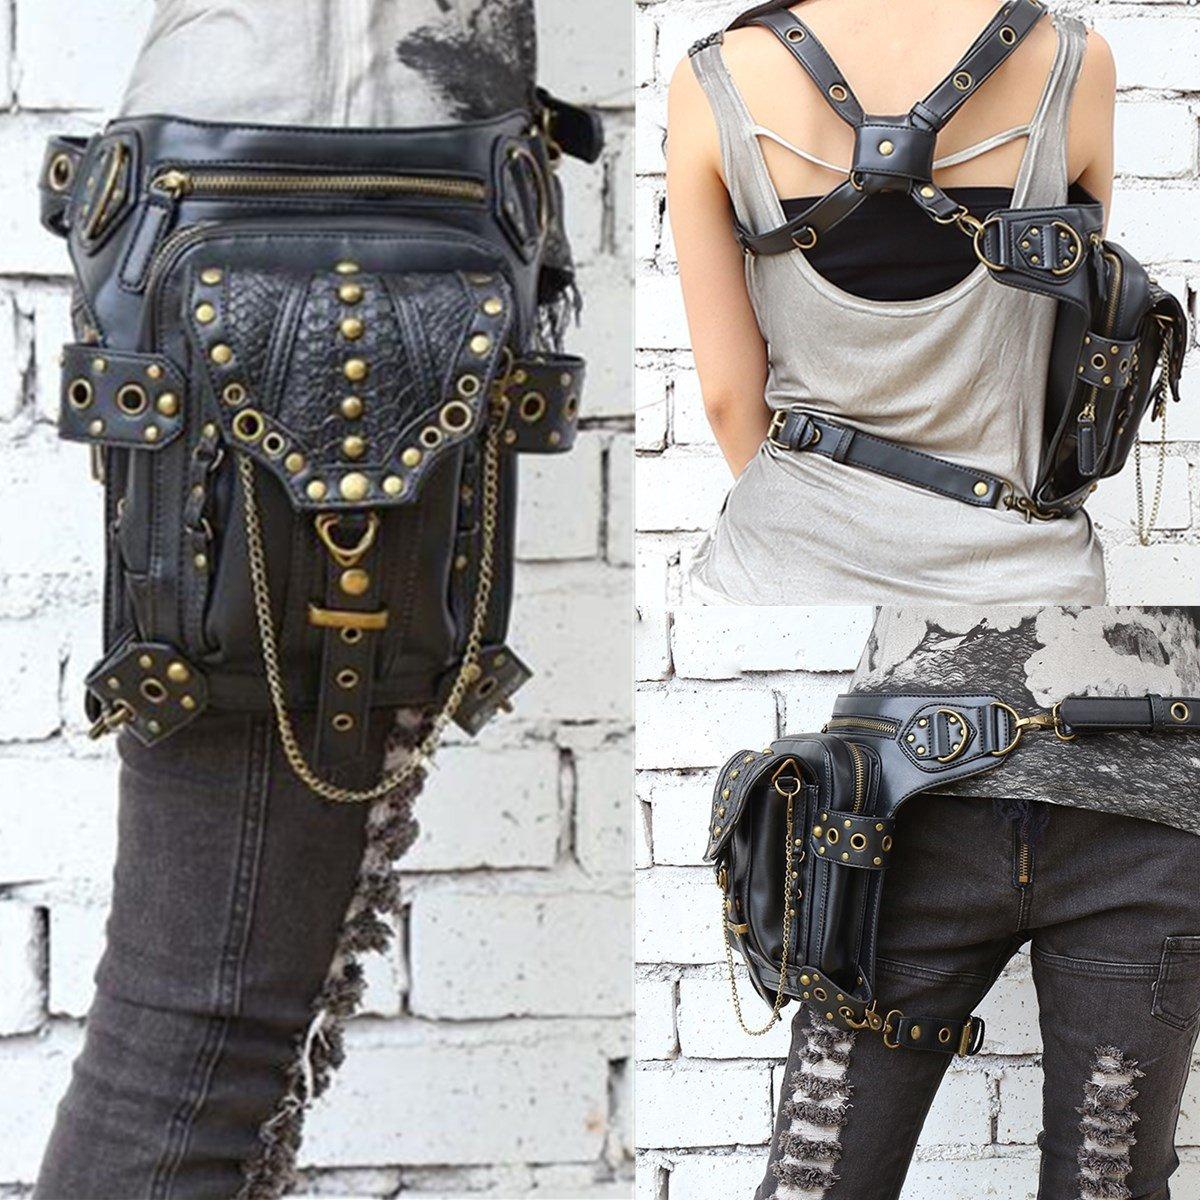 Plat Firm Cintura Pierna Hip Hip Pierna Holster Purse Pouch Steampunk Belt Bag Cyberpunk Coin Purse Negro 951ddb